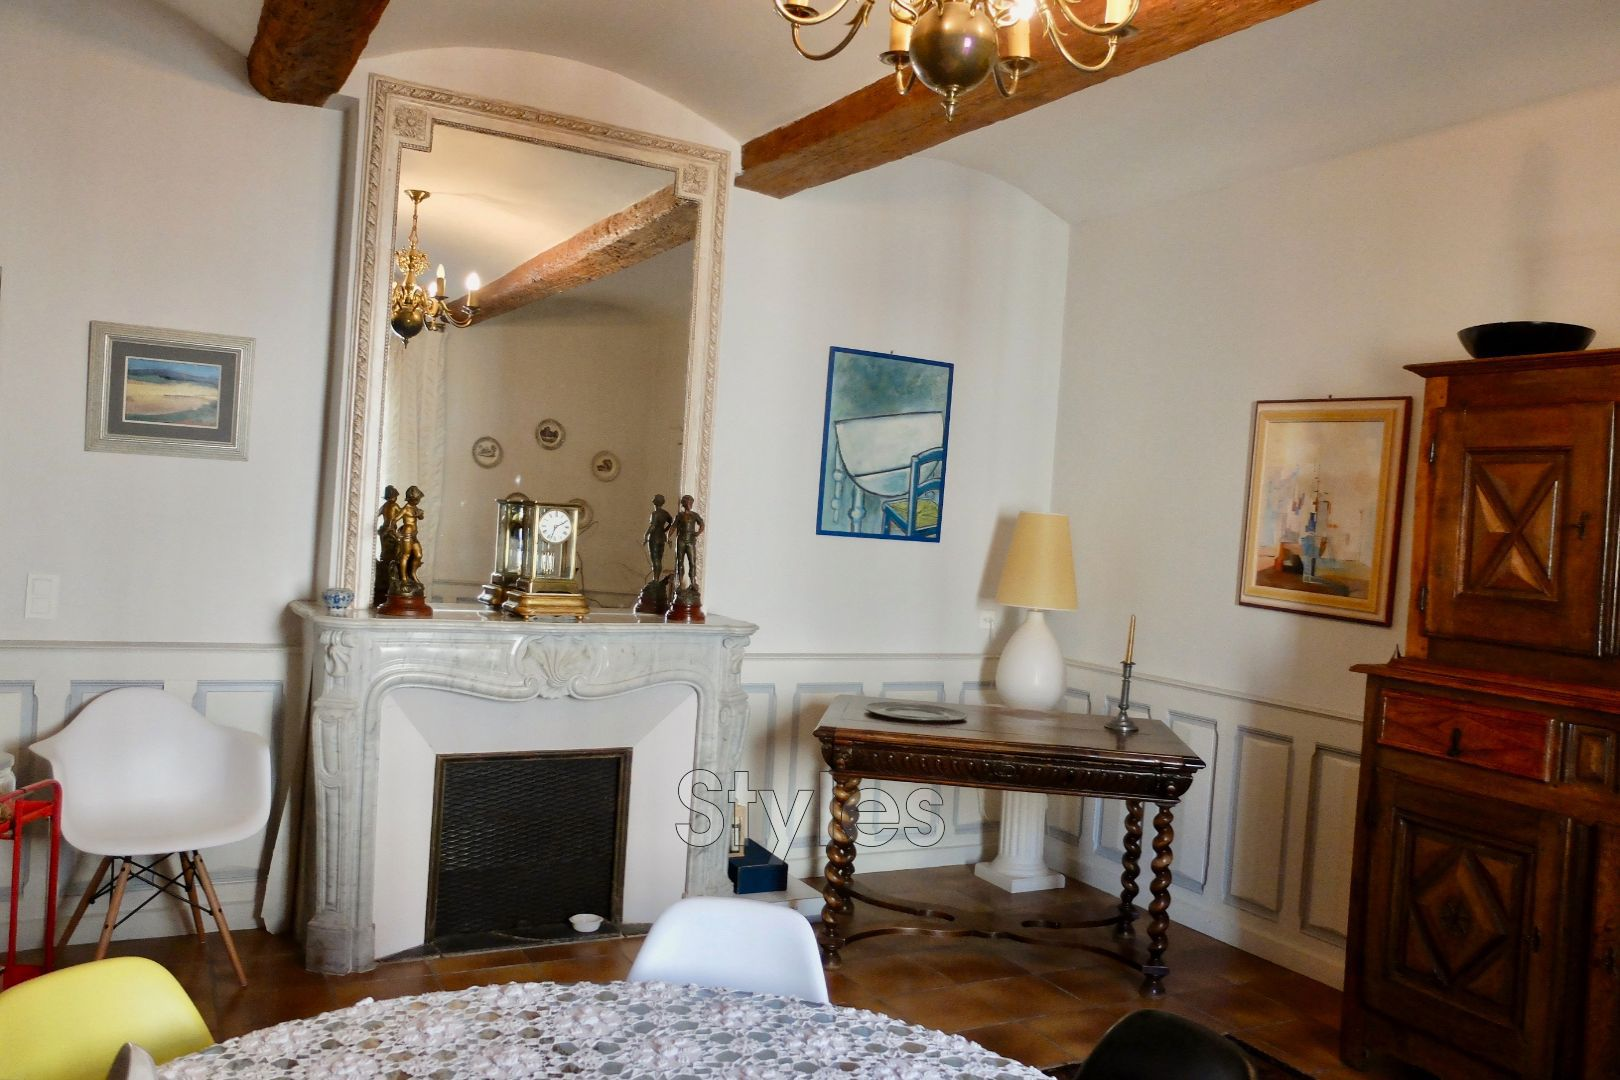 Vente maison mas montpellier 34000 1 312 000 for Montpellier 34000